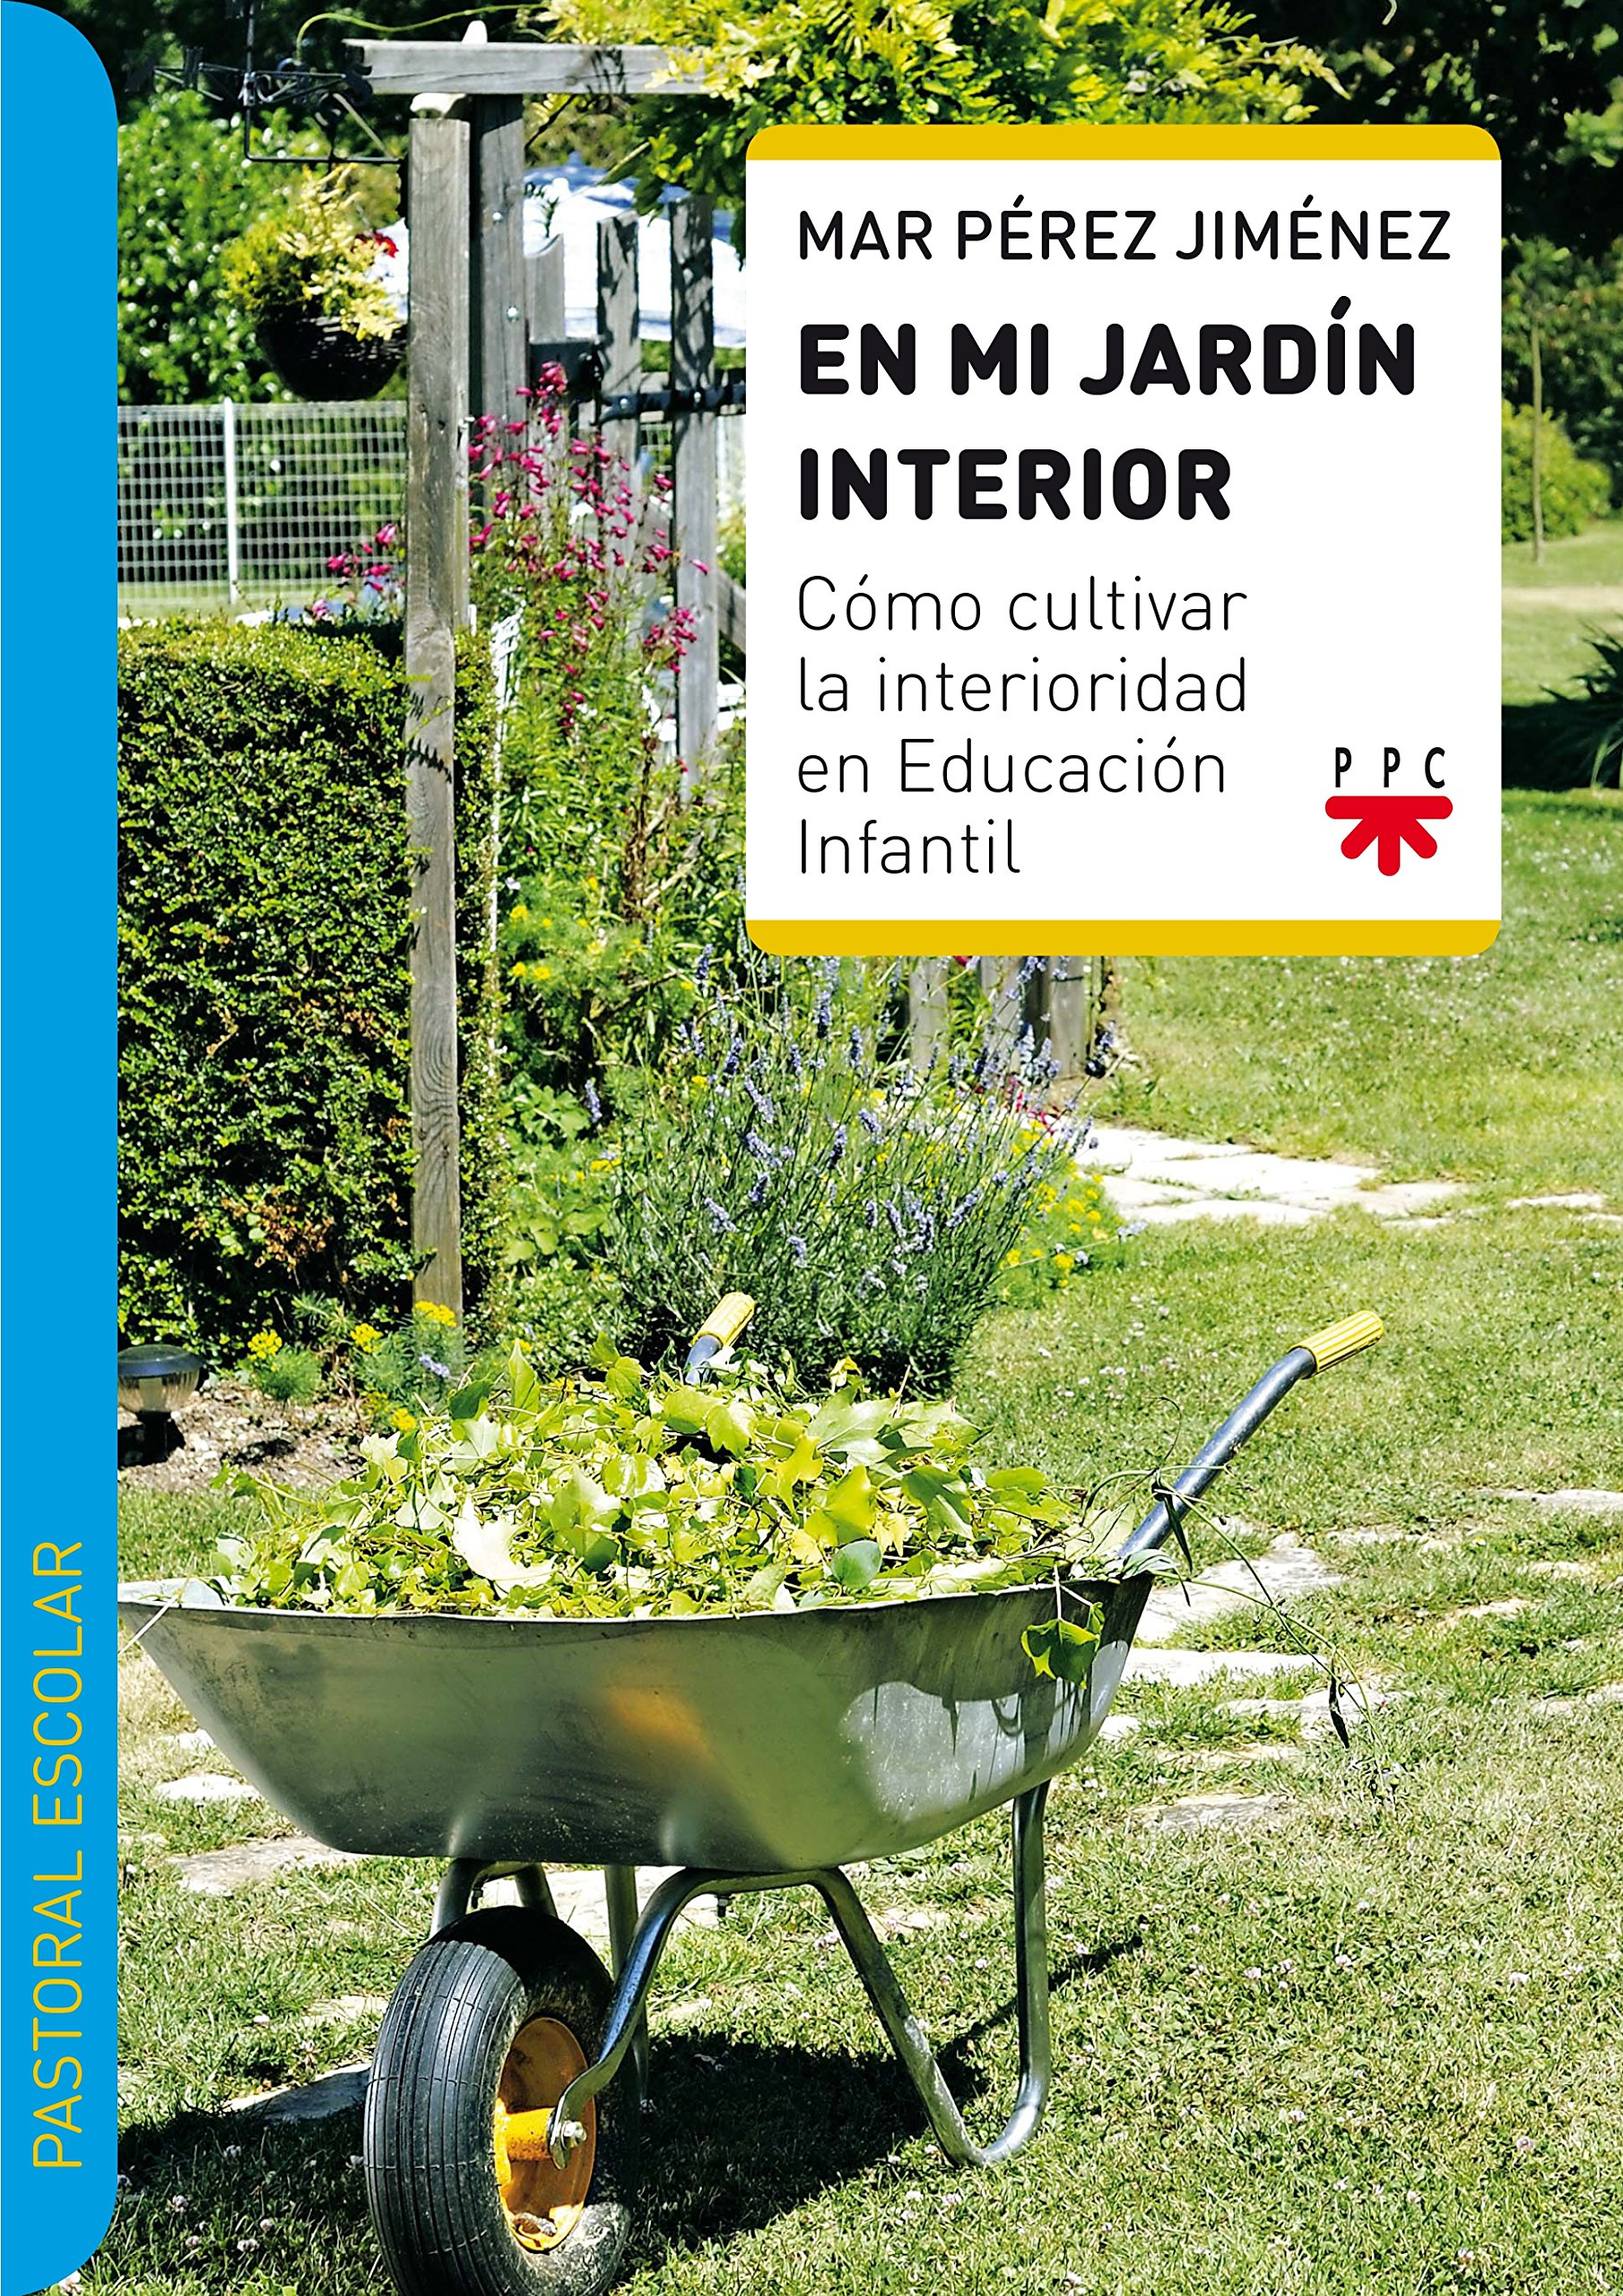 En Mi Jardín Interior: Cómo cultivar la interioridad en Educación Infantil Pastoral escolar: Amazon.es: Pérez Jiménez, Mar, Genárez, Sergio: Libros